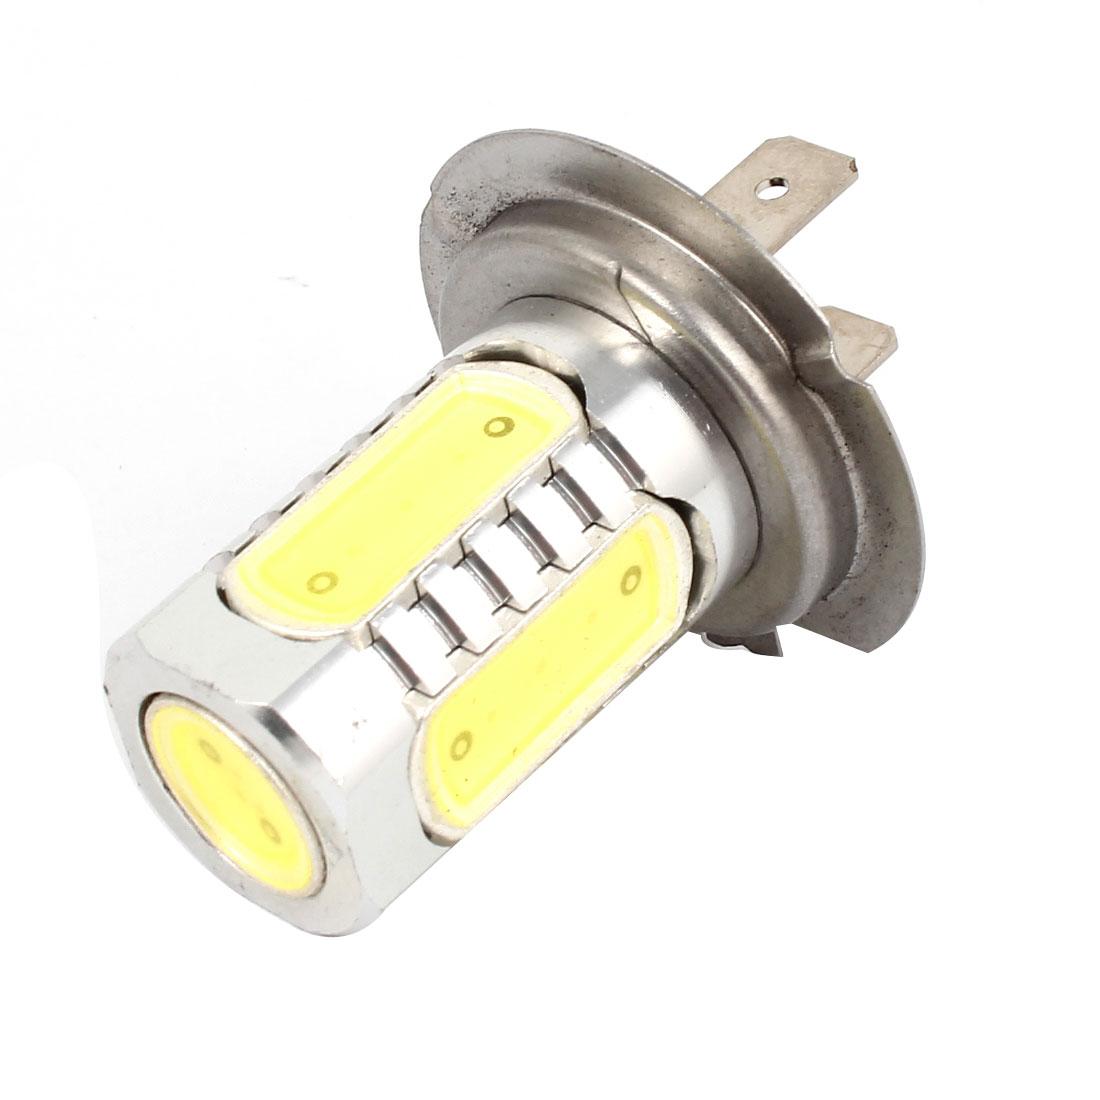 7.5W H7 Socket 5 White LEDs Fog Light Bulb Lamp for Vehicles Car